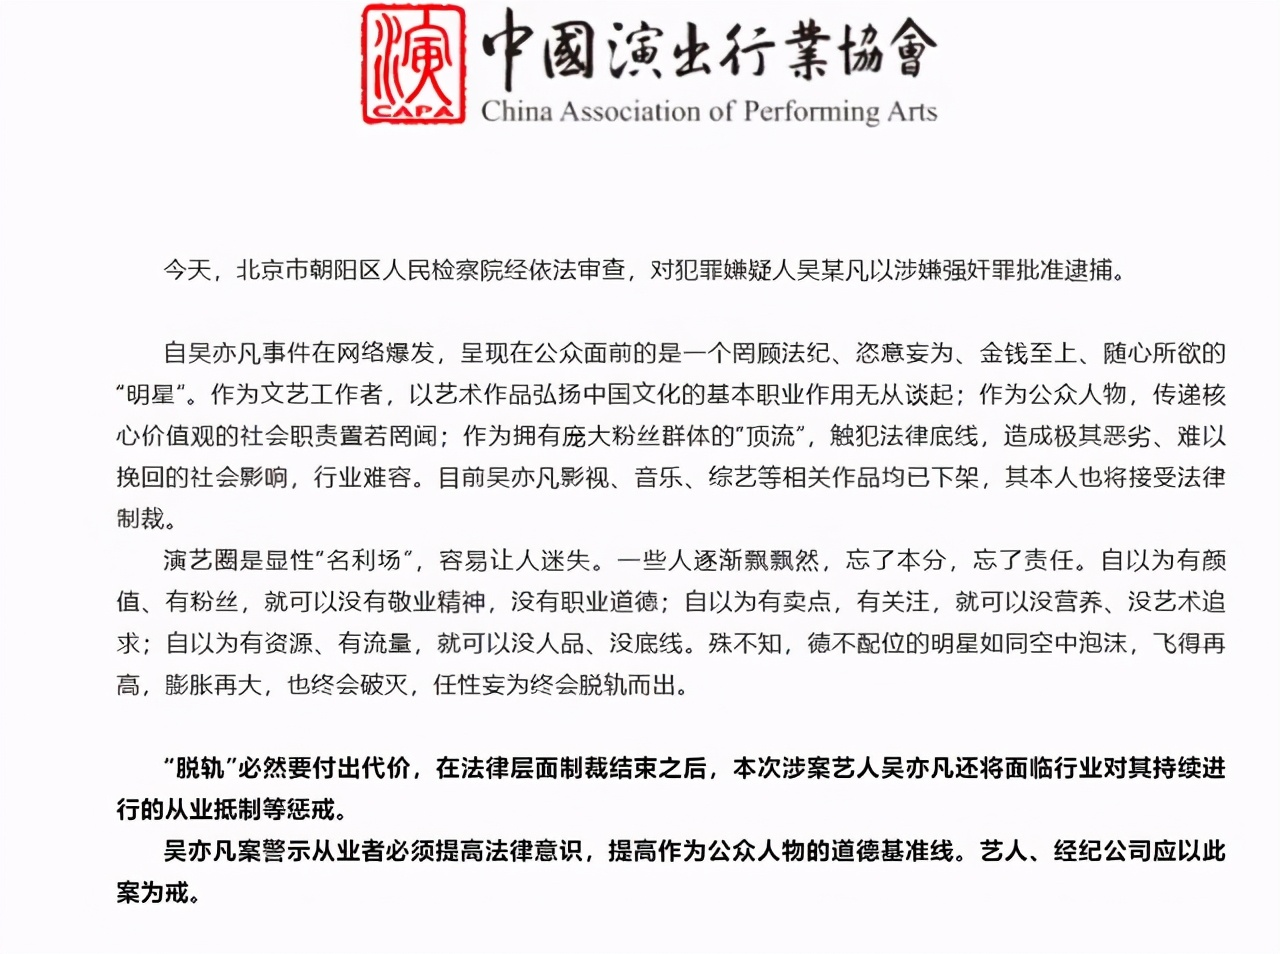 吴亦凡被批捕 中演协:脱轨要付代价 都美竹事件是怎么回事来龙去